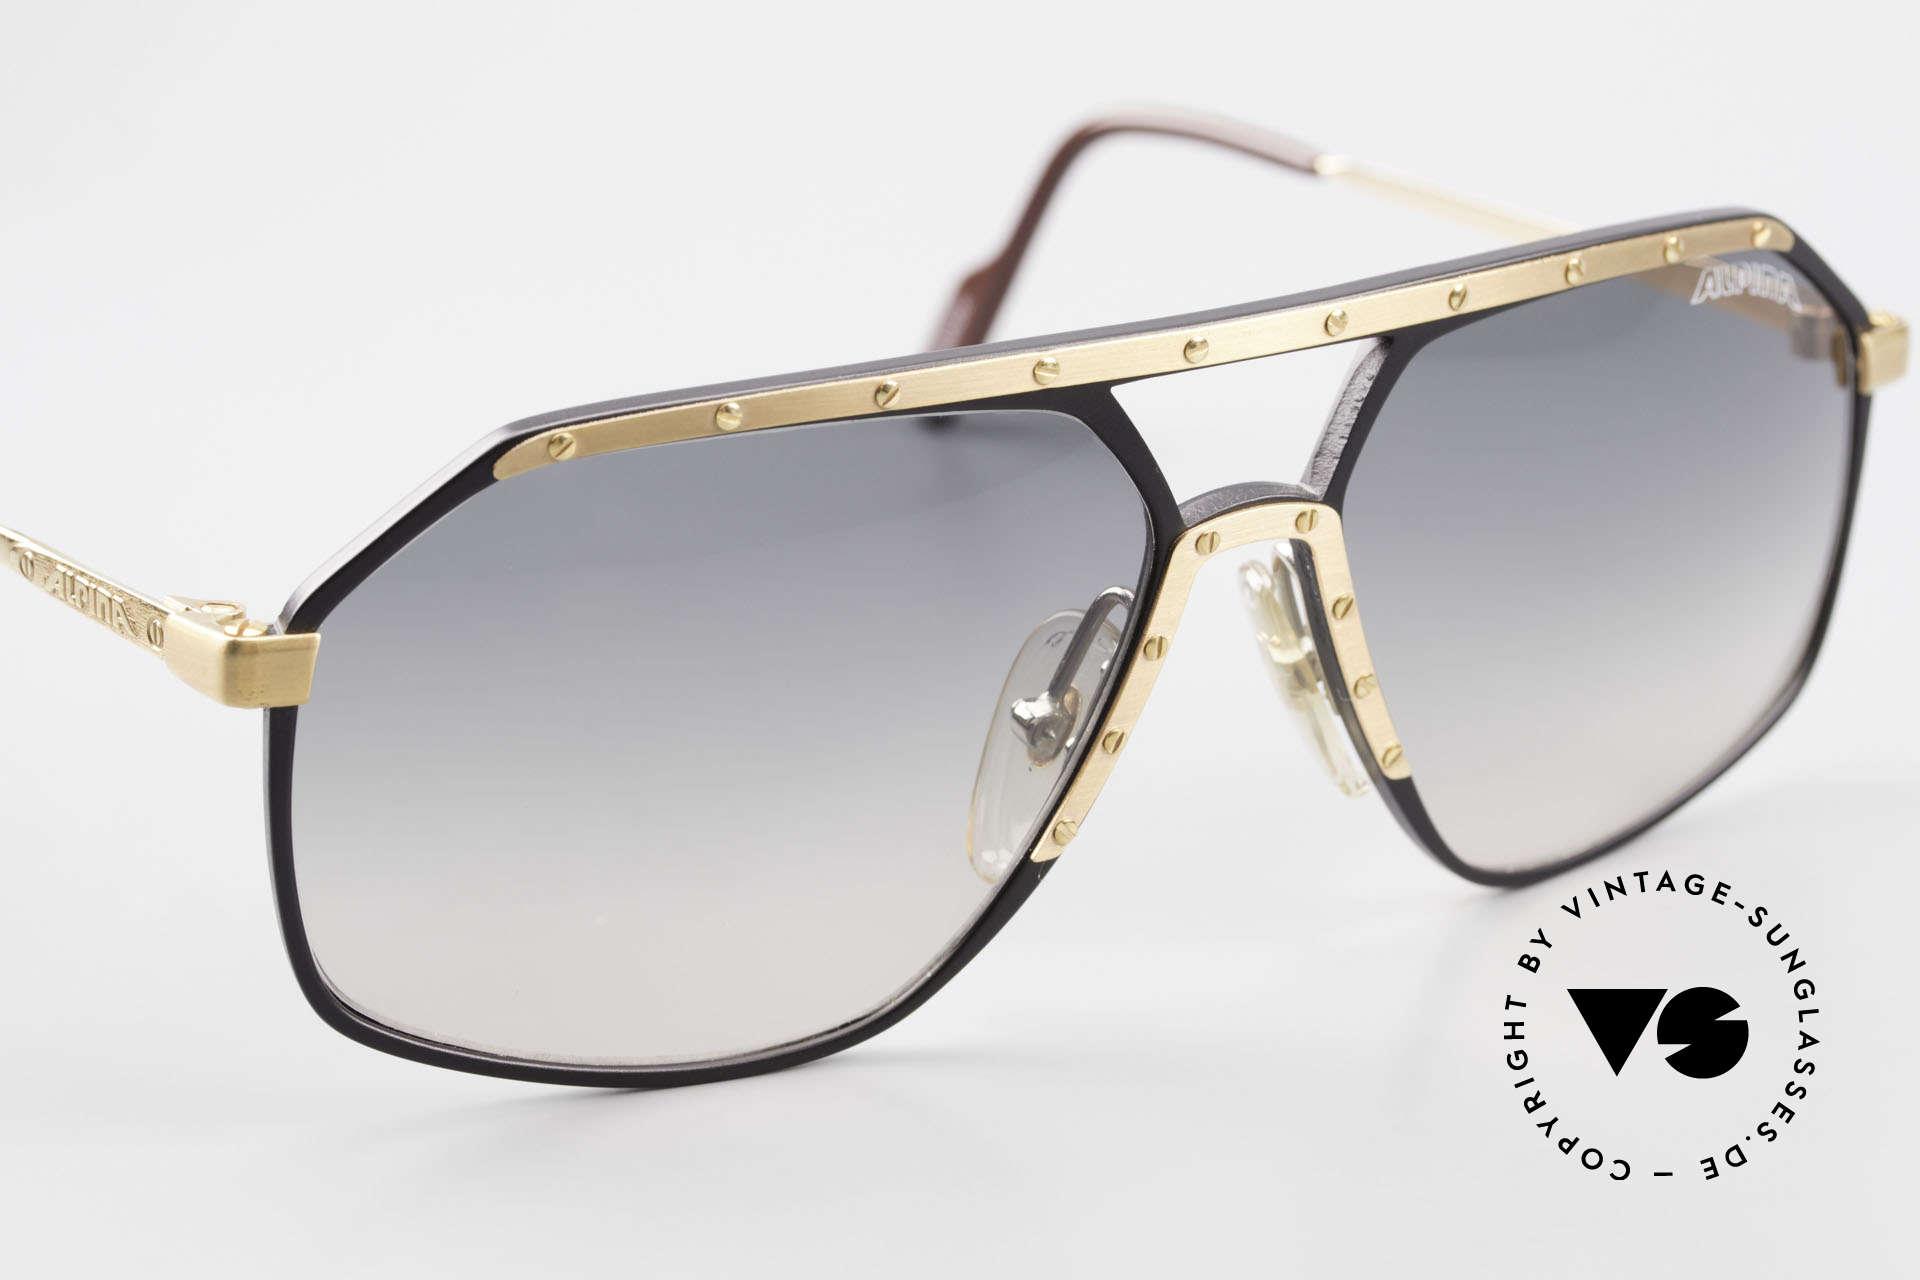 Alpina M6 True Vintage Sonnenbrille 80er, ungetragen (Lieferung in einem Etui von BVLGARI), Passend für Herren und Damen